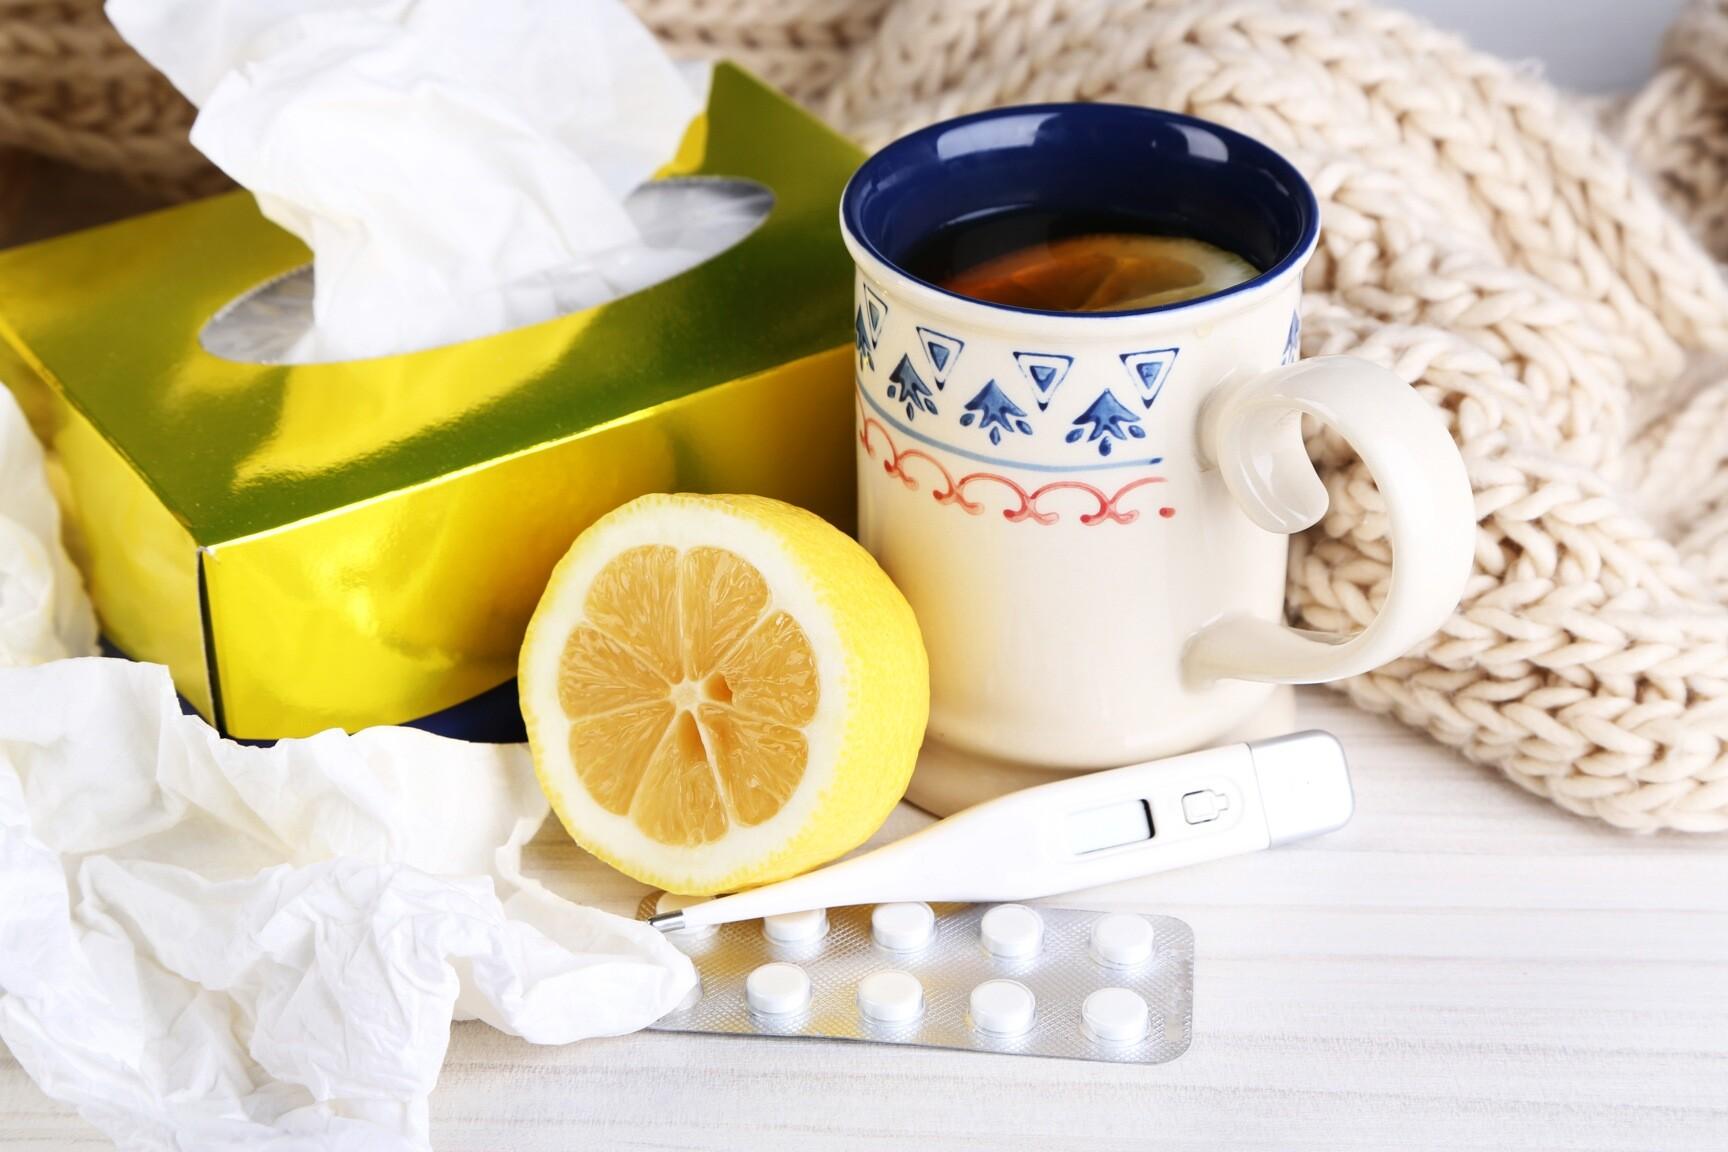 Zahlreiche rezeptfreie aber auch rezeptpflichtige Arzneimittel bieten Hilfe gegen Erkältung. © Africa Studio / shutterstock.com